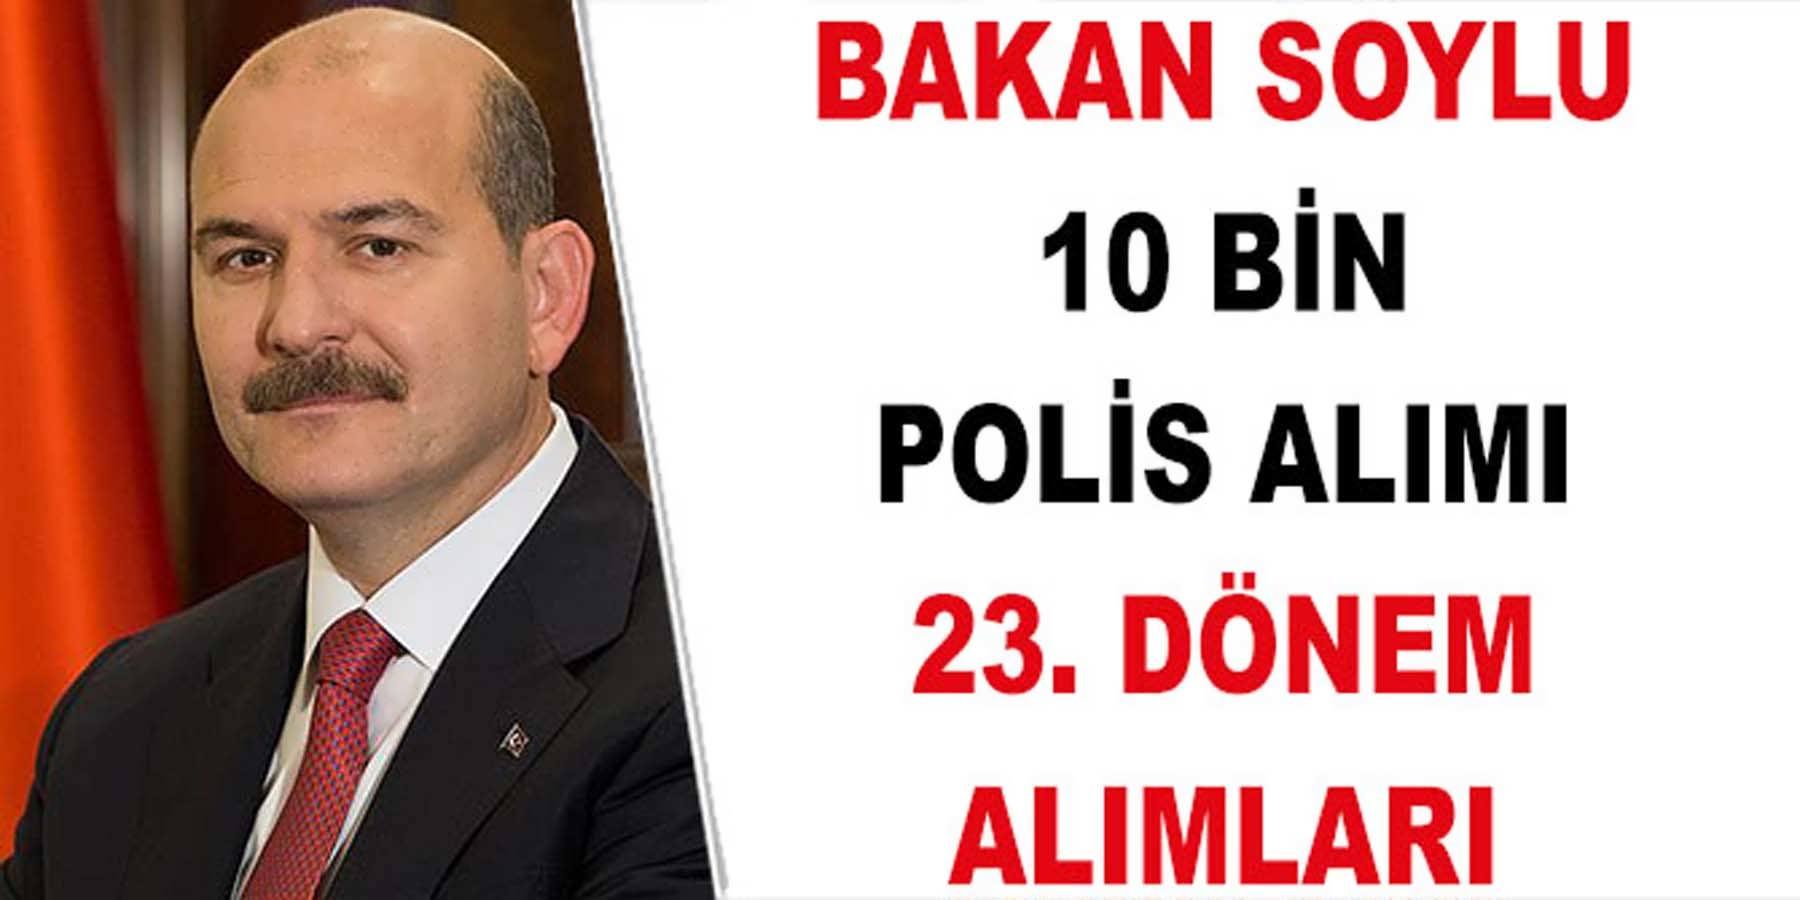 Bakan Soylu Temmuz'da 10 Bin Polis Alımı olacak